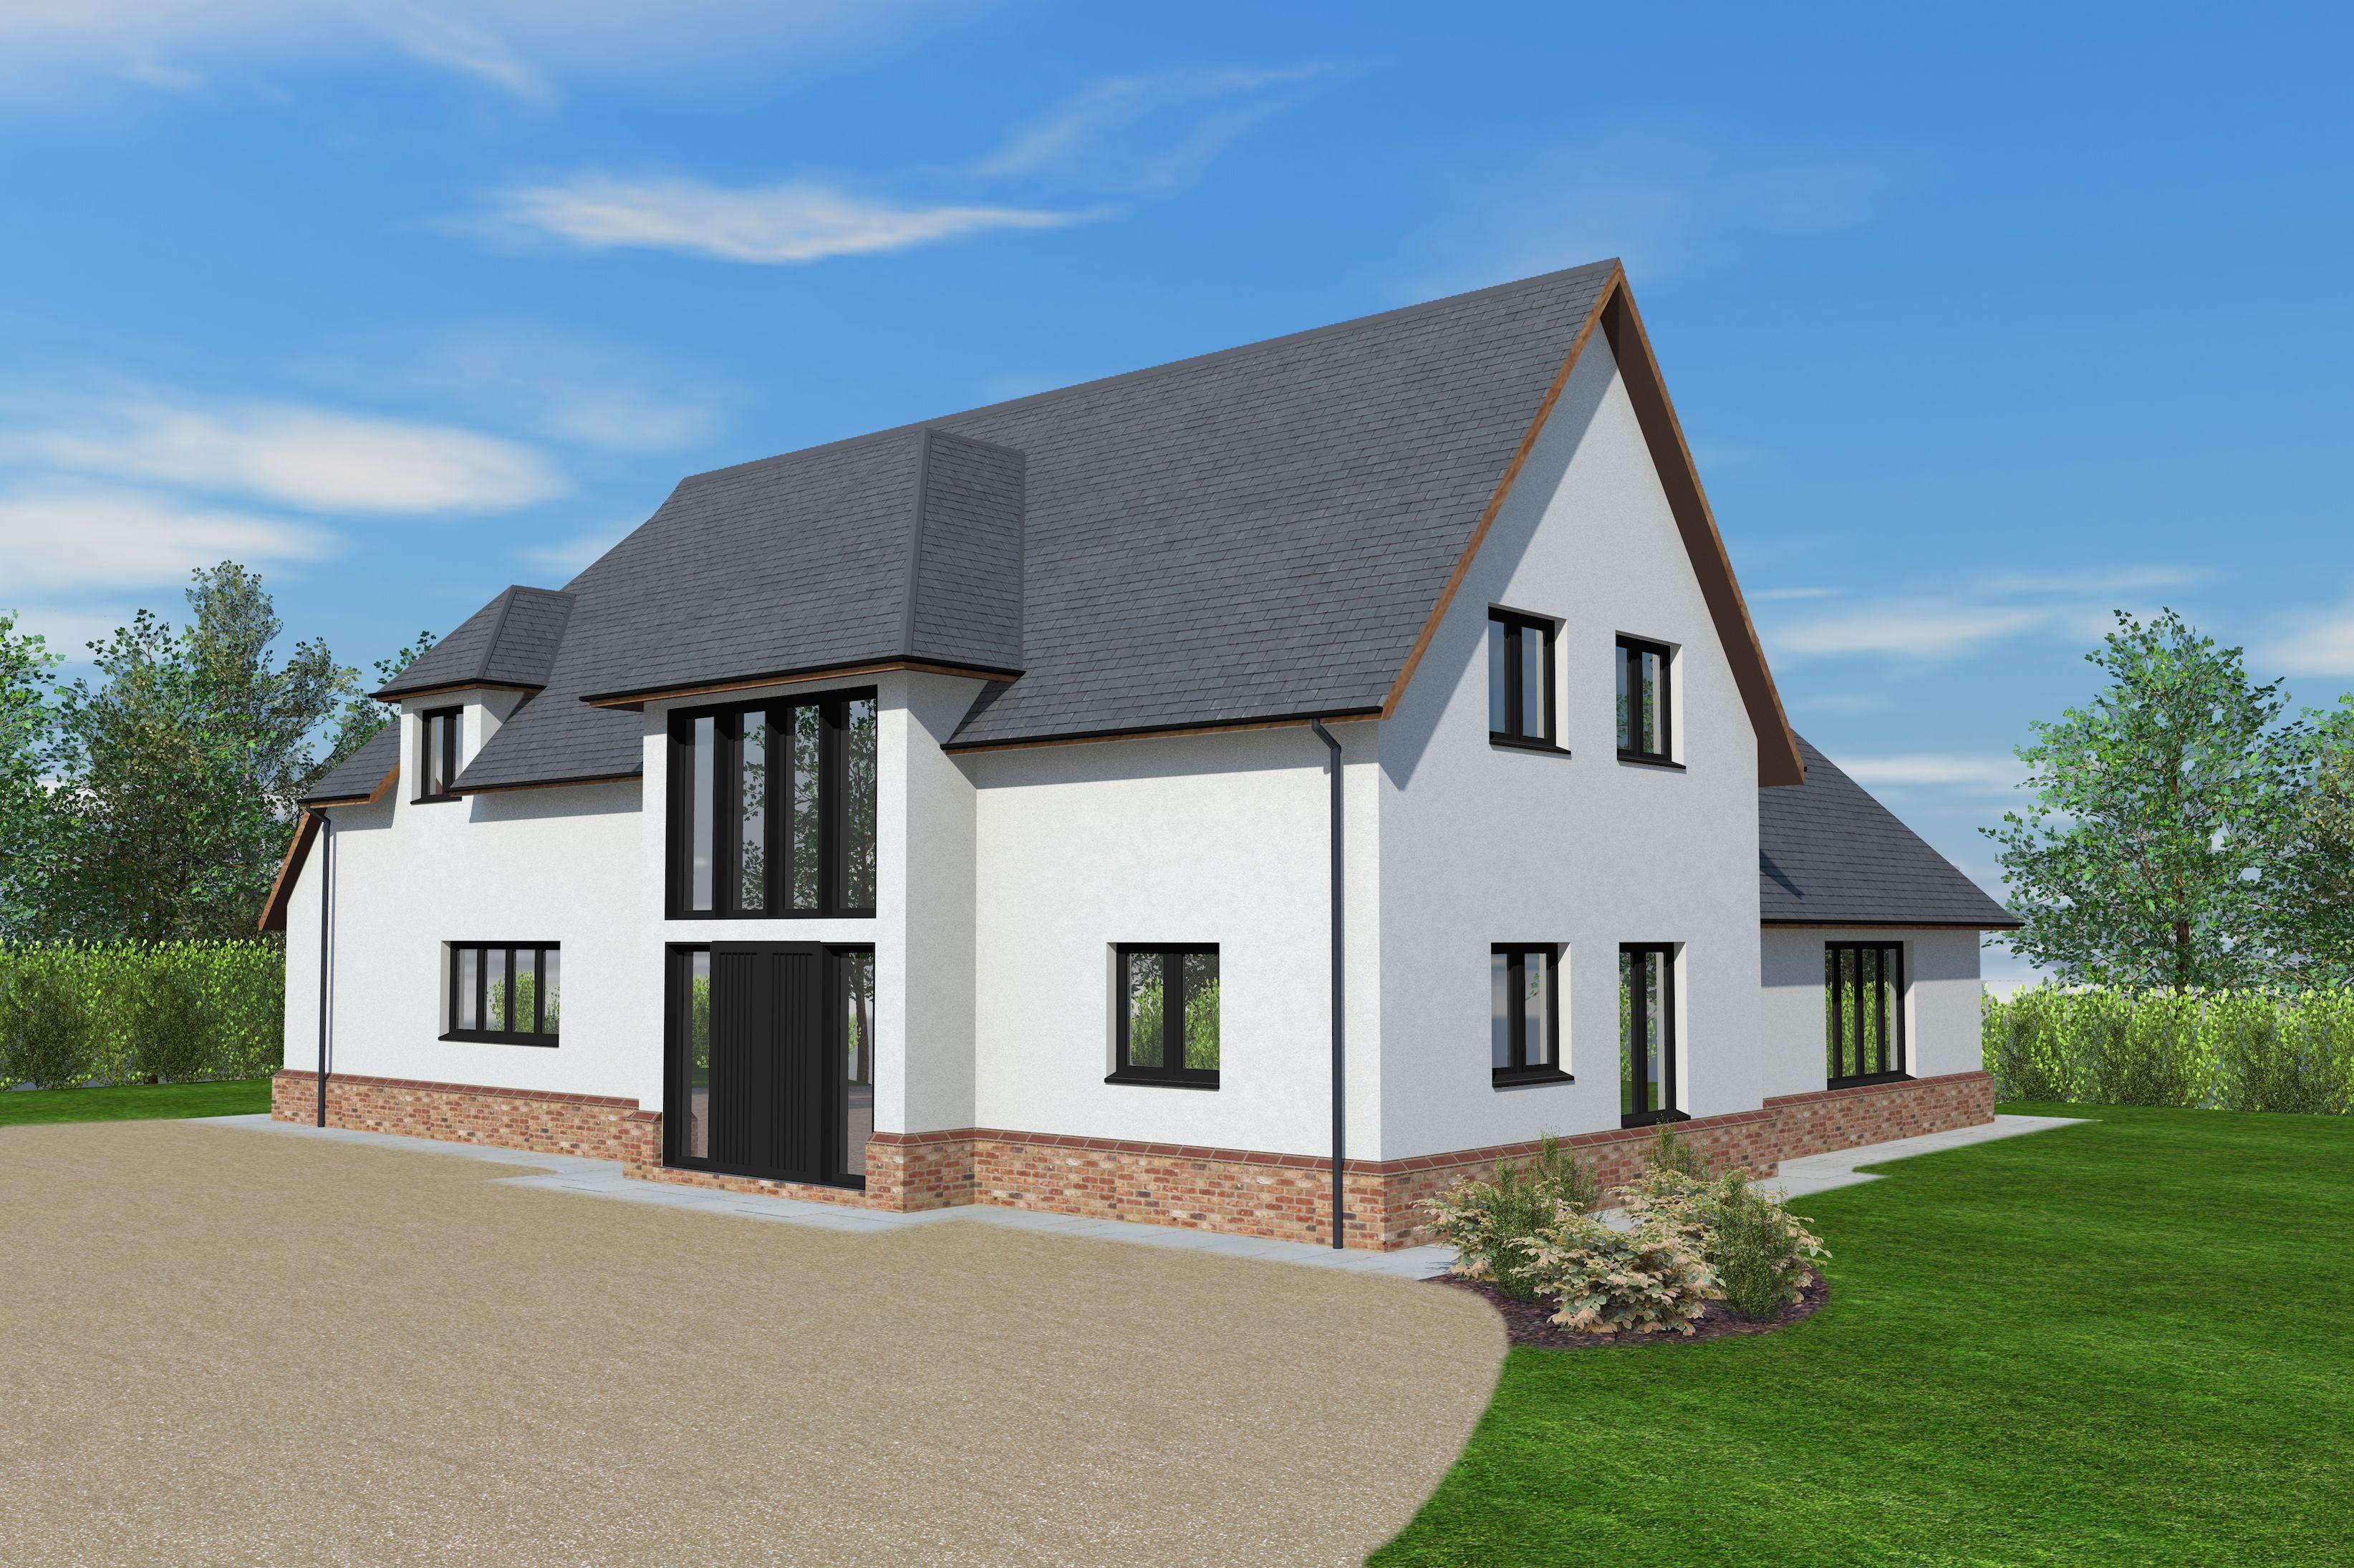 Linhay Barn - Timber Frame Design Exterior House